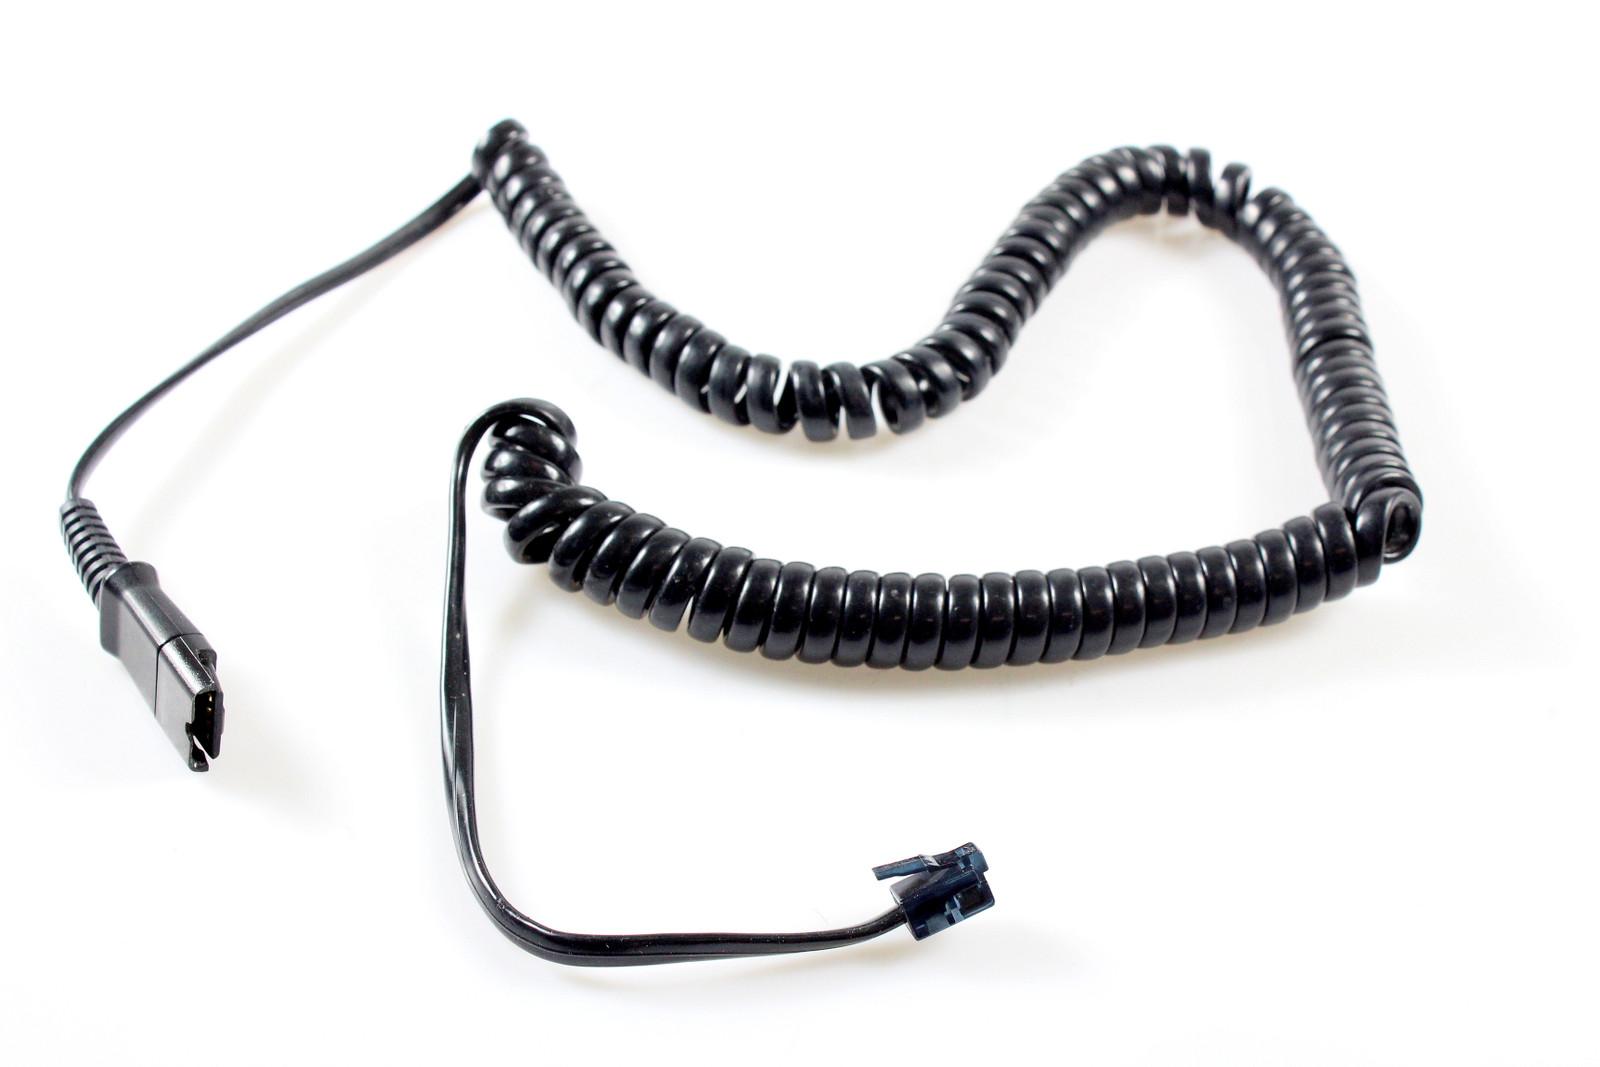 oder auch RJ9 // RJ22 2x Quick Disconnect Headset Spiralkabel  QD auf RJ10